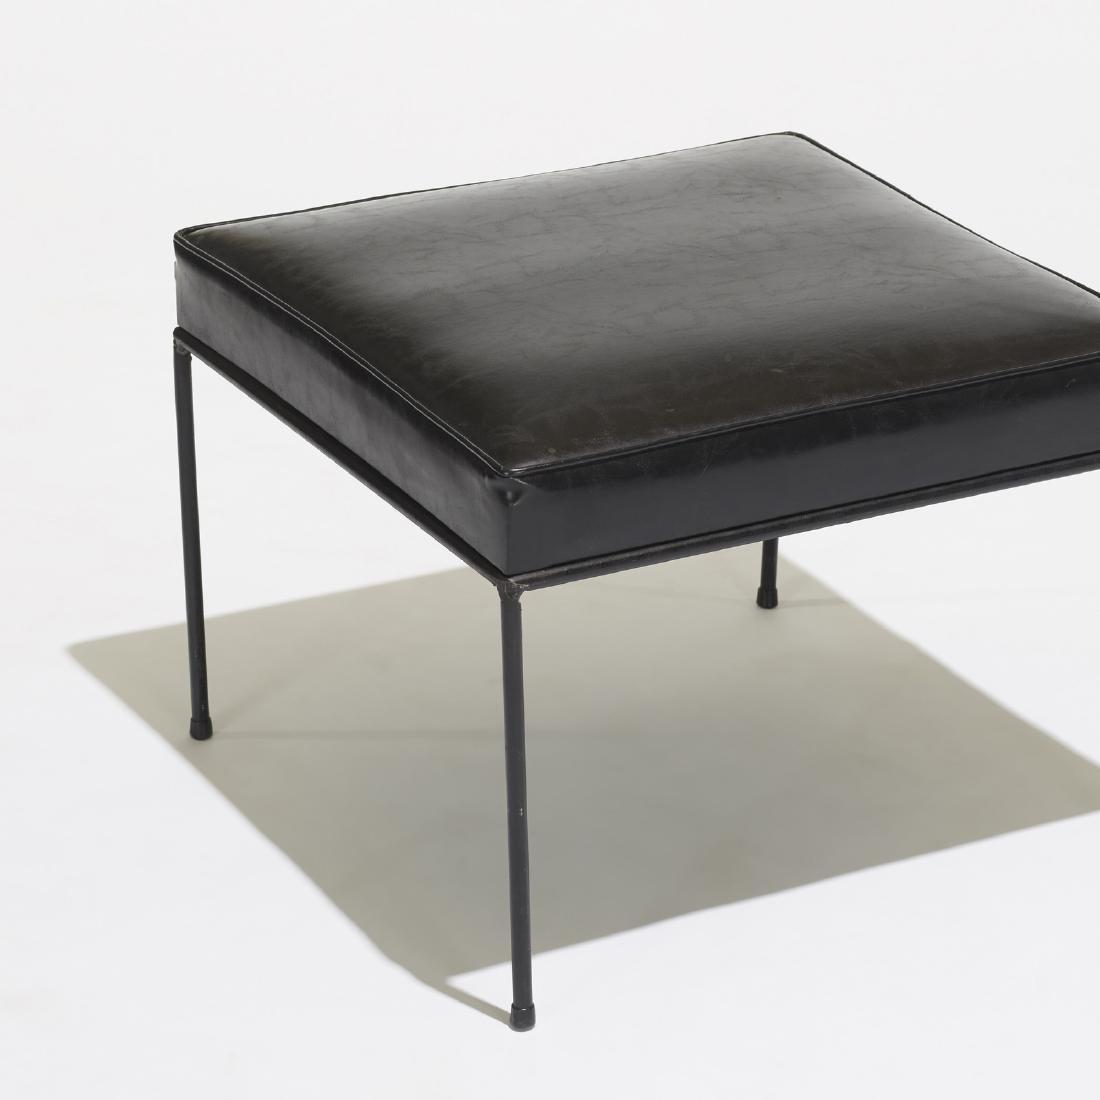 Paul McCobb, stools model 1305, pair - 2